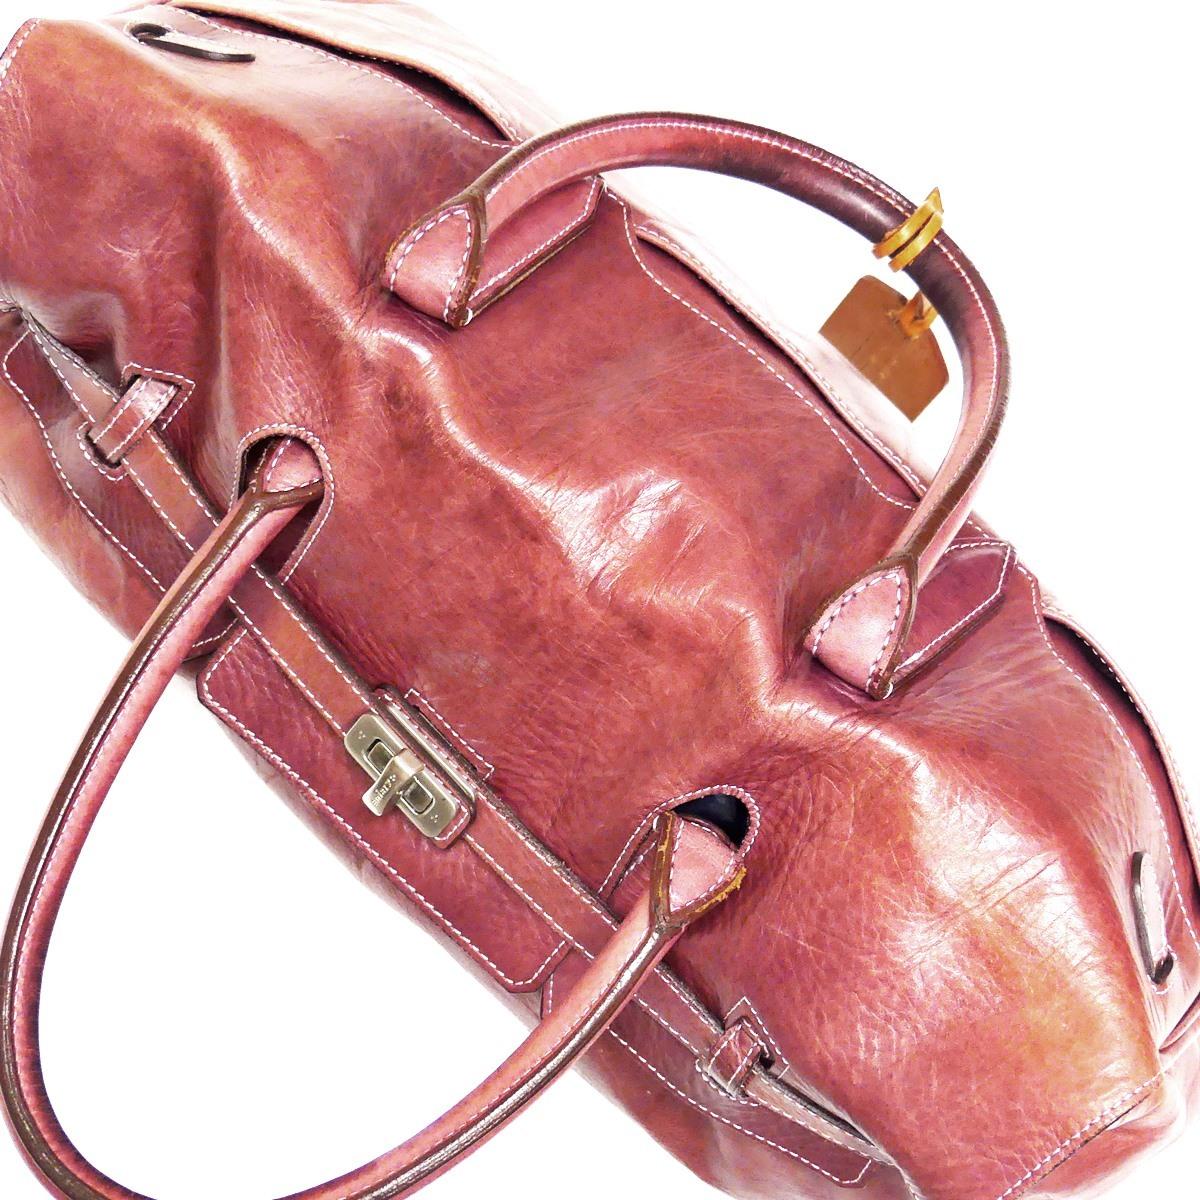 即決★aniary★レザーハンドバッグ アニアリ メンズ 赤 紫 本革 トートバッグ 本皮 かばん 鞄 レディース 手提げバッグ_画像7